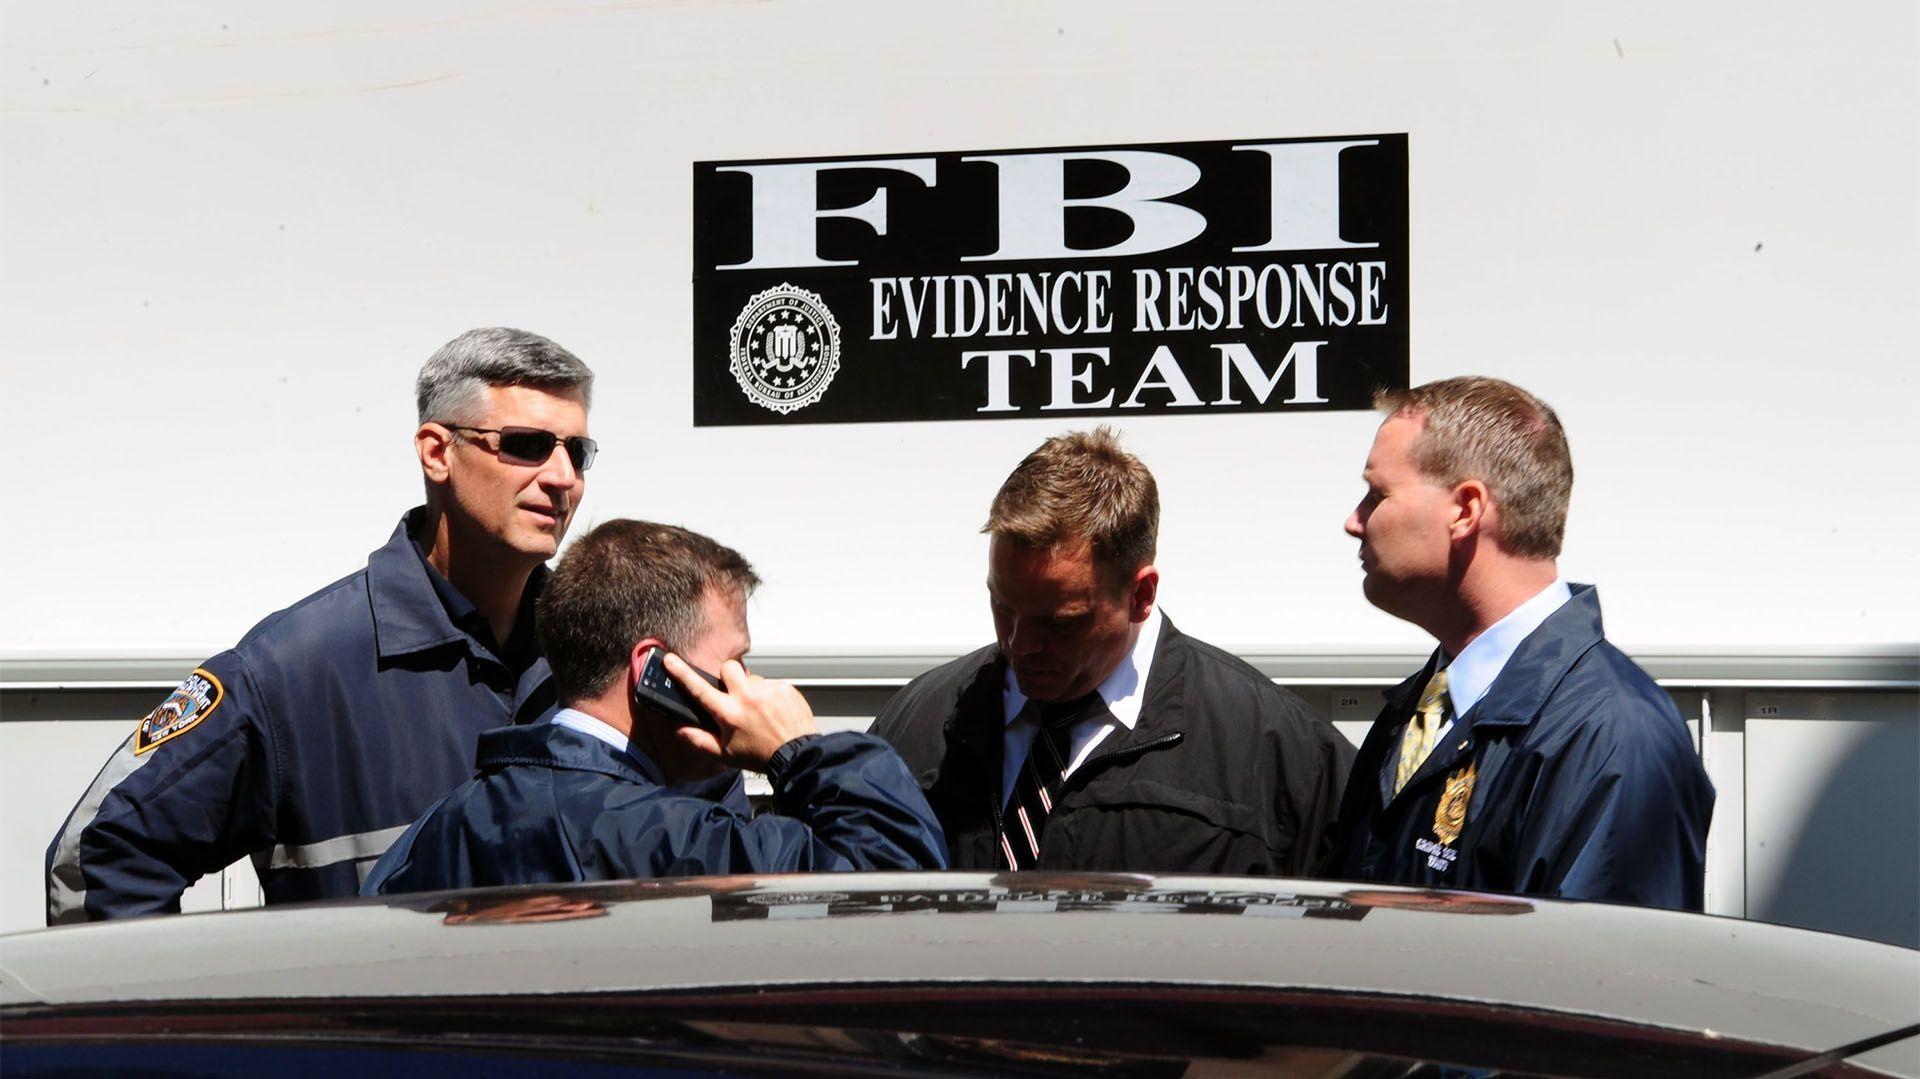 El gobierno de Sonora solicitó la ayuda del FBI en las investigaciones de masacre de la familia LeBarón (Foto: Keystone/Zuma/Shutterstock)